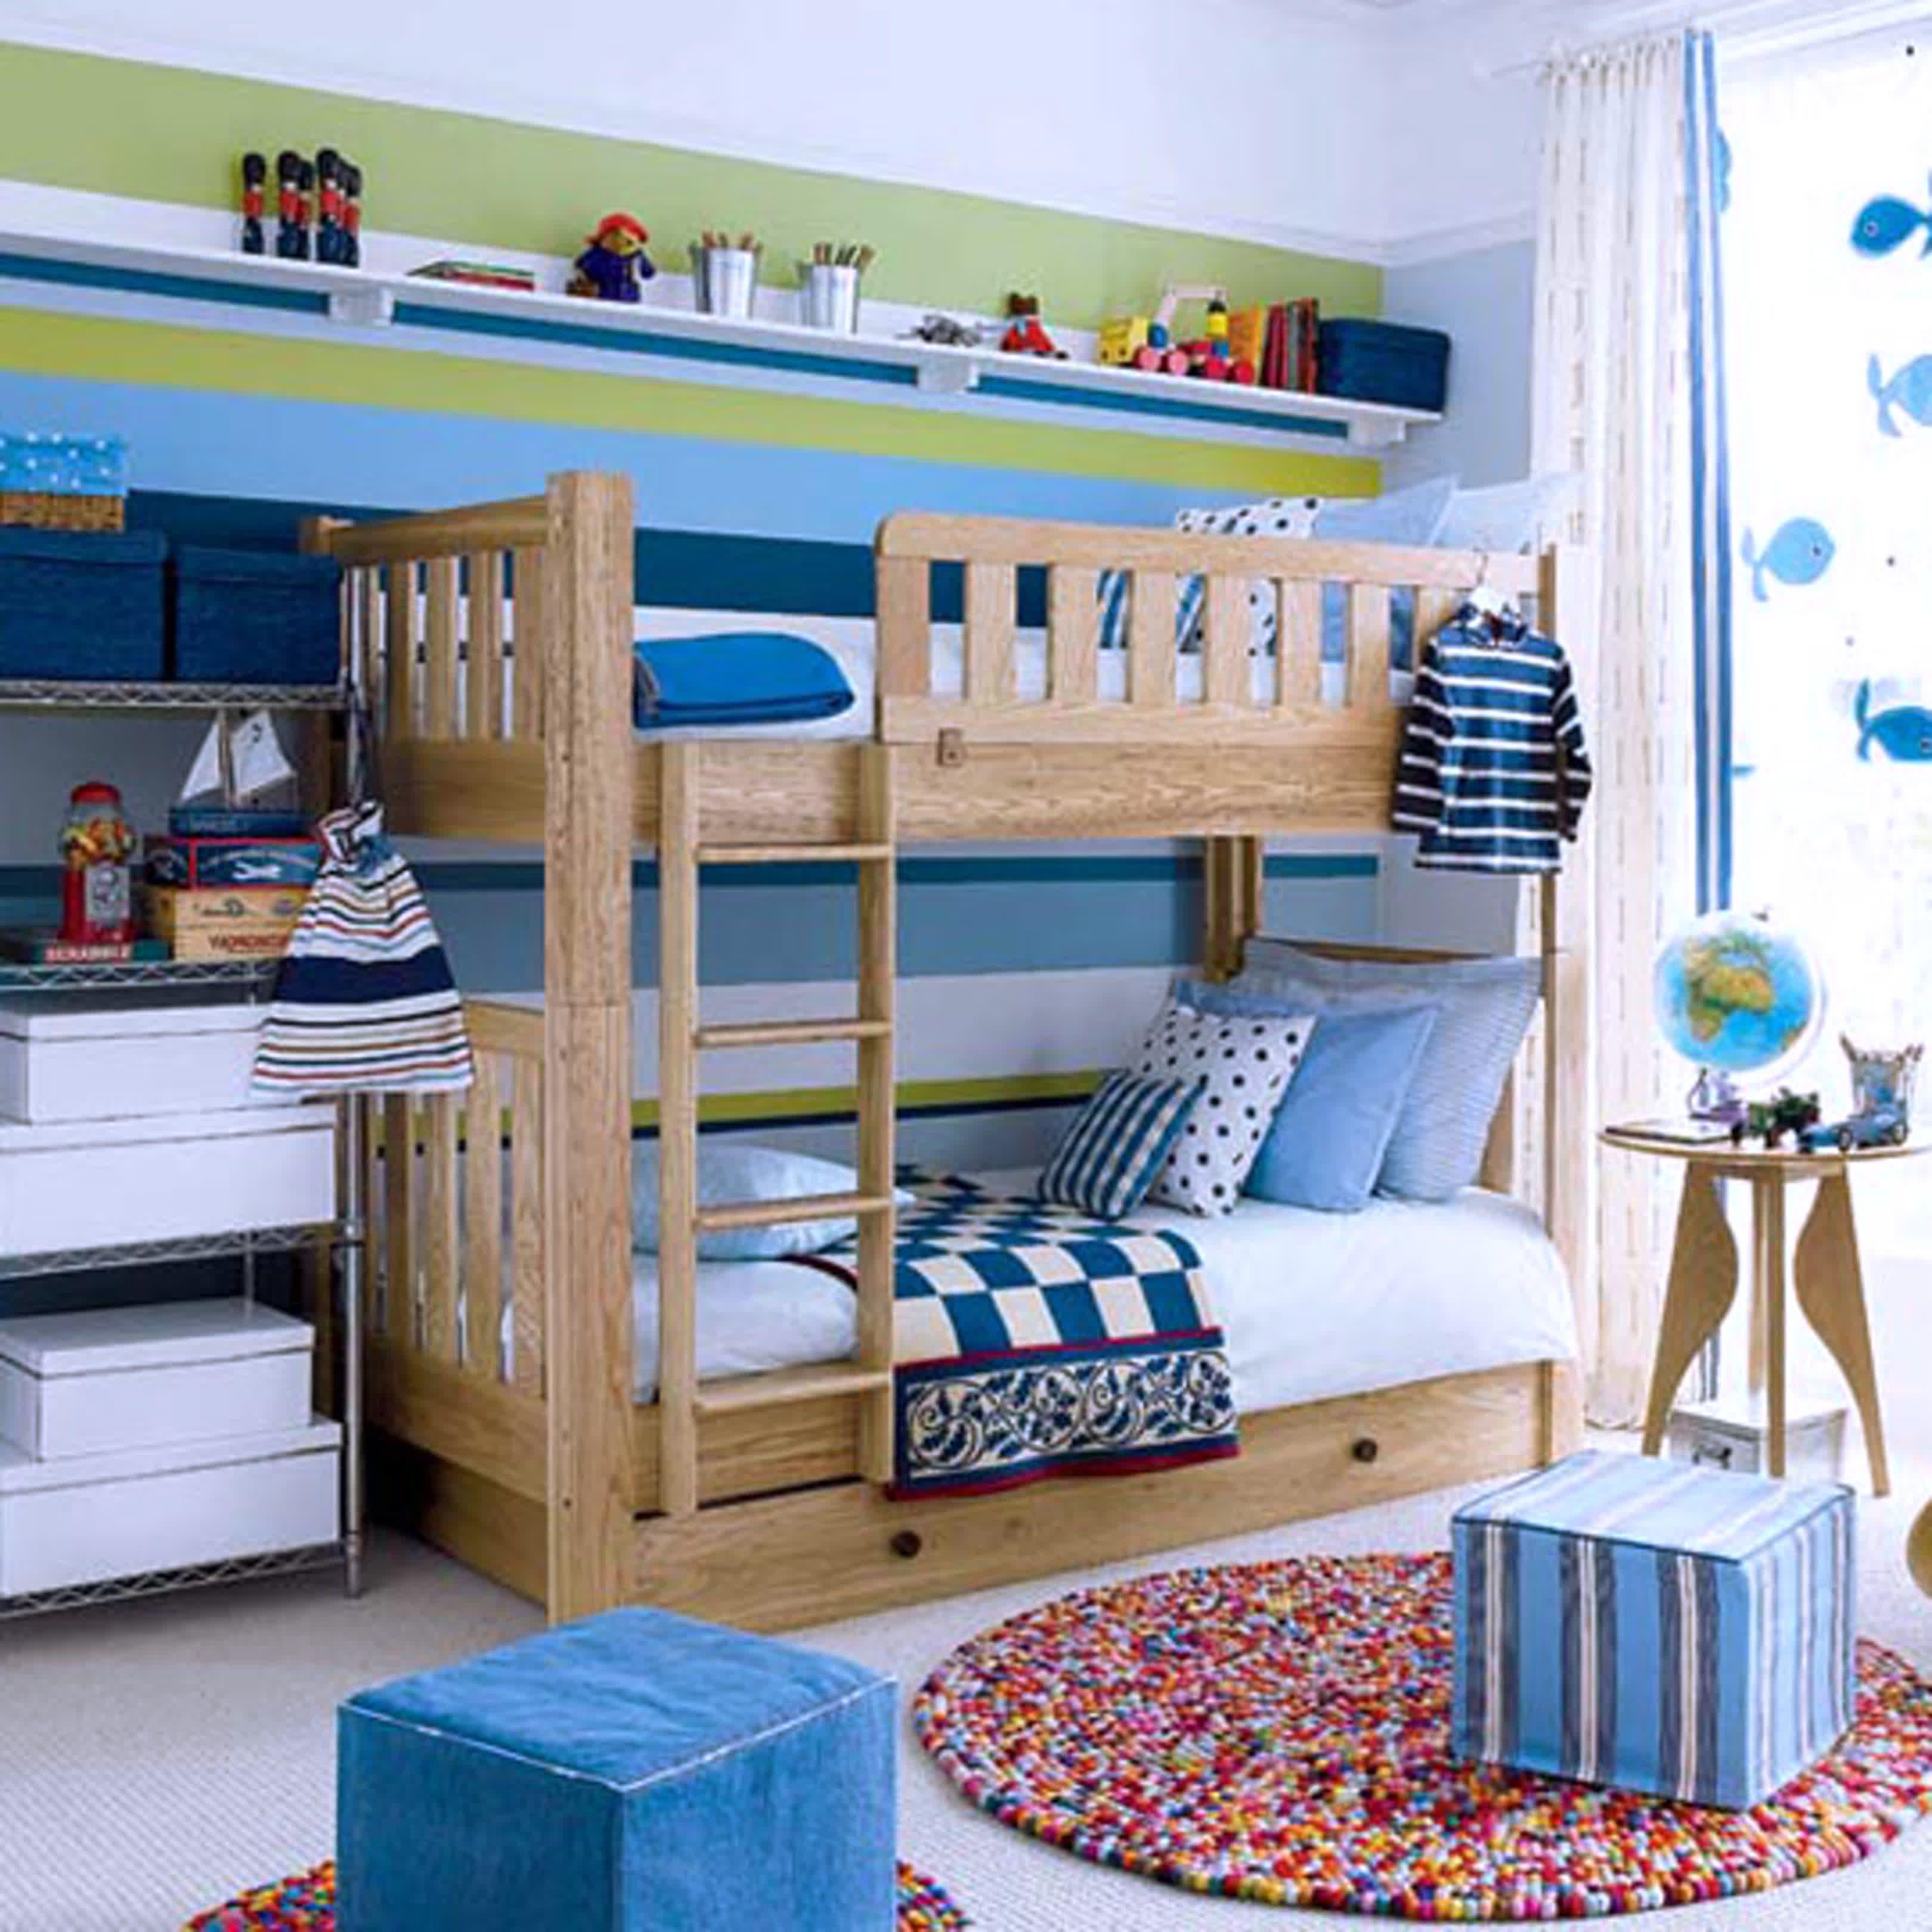 bedroom exciting image of blue boy bedroom decoration design idea using solid light oak wood kid bunk bed including light blue stripe cubic bedroom chair - Light Wood Kids Room Decor